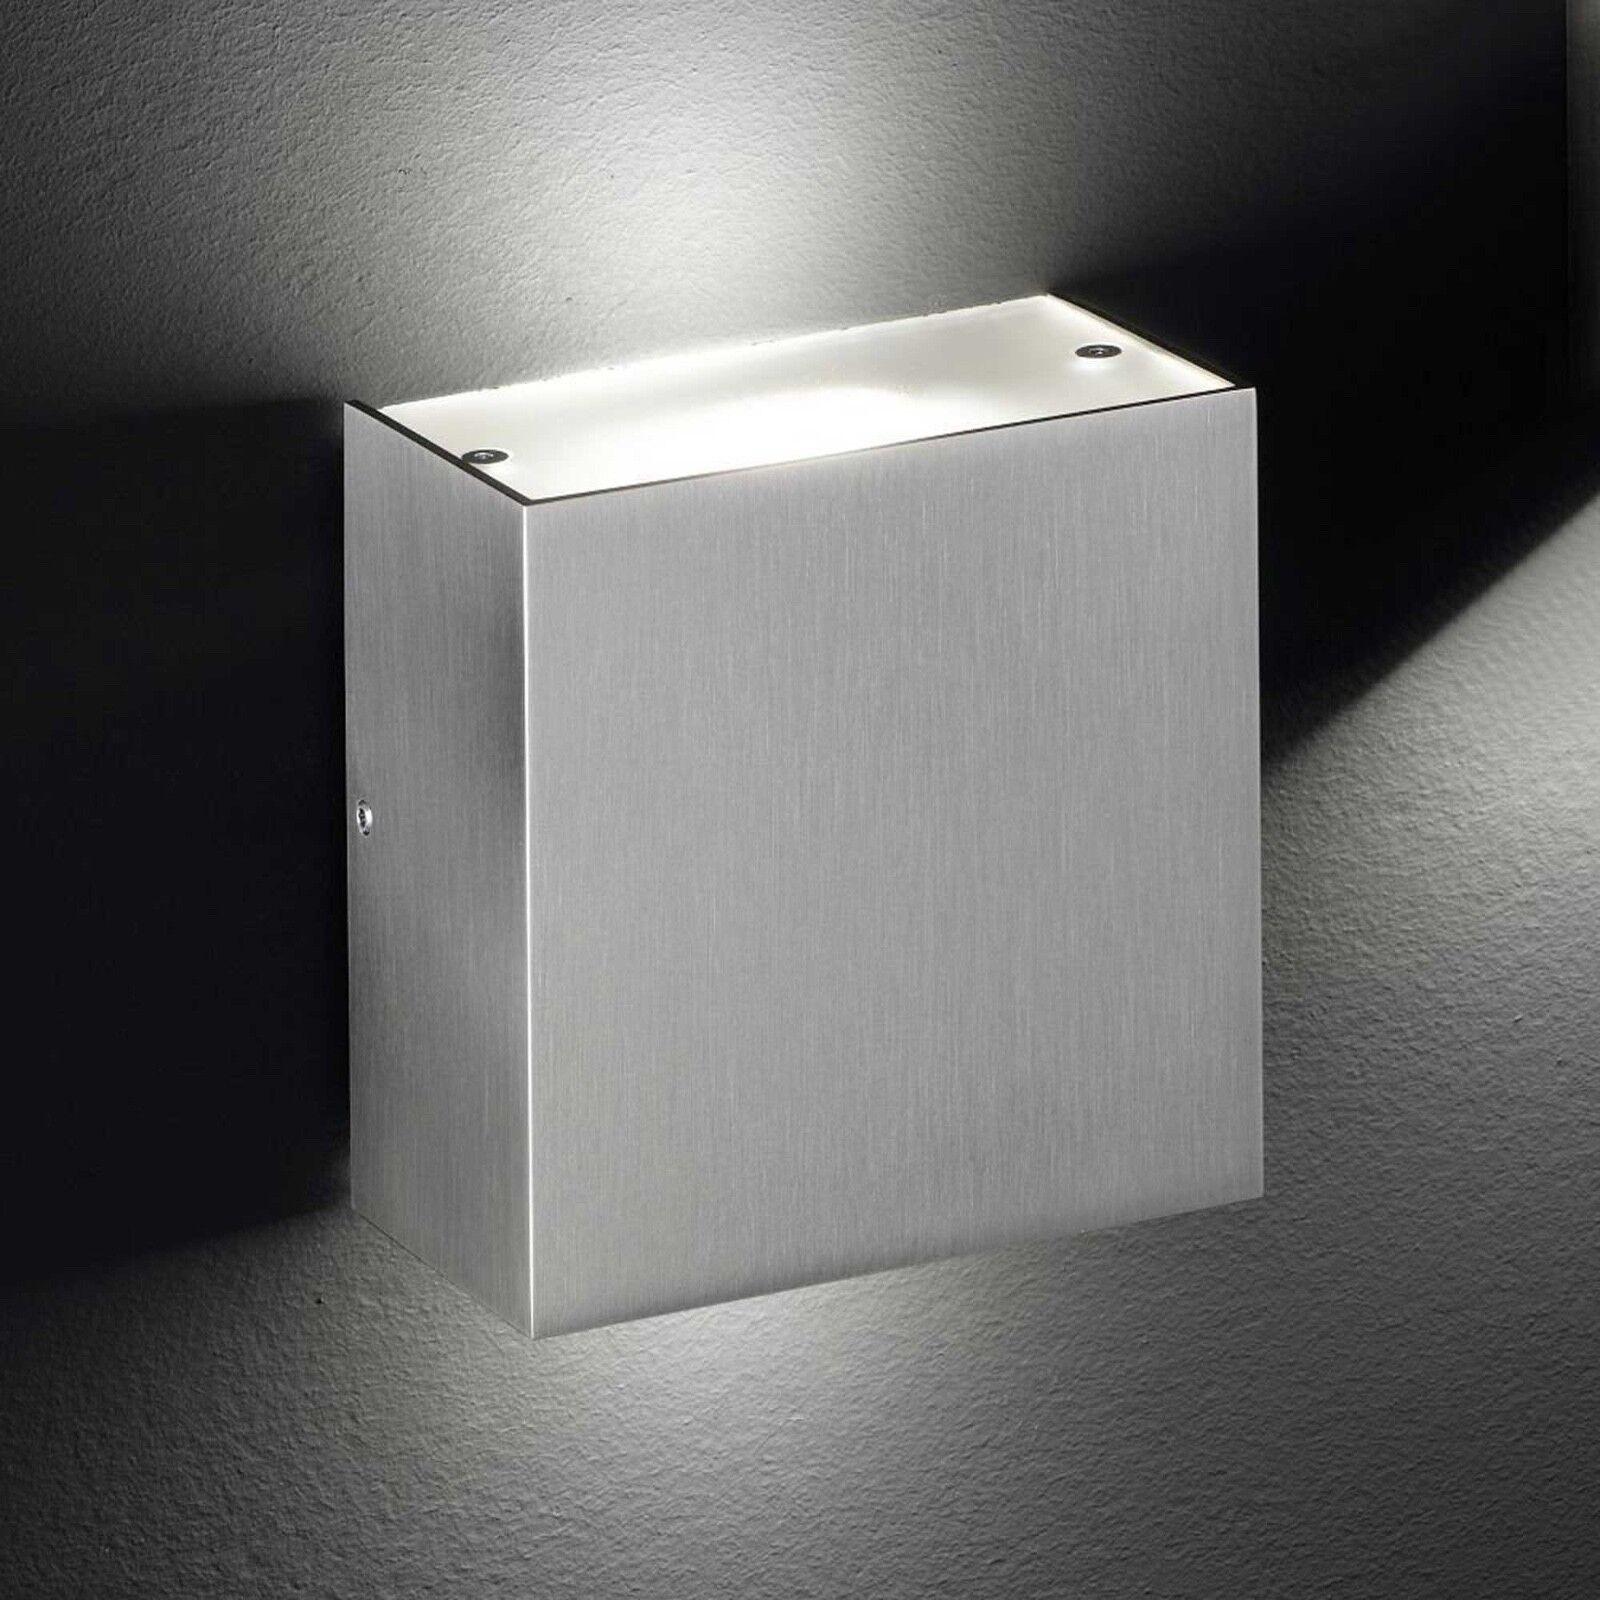 liquidazione fino al 70% Honsel LED LED LED Parete Lampada Lax 2-flg nichel vetro corridoio ingresso Cucina Lampada Ufficio  negozio online